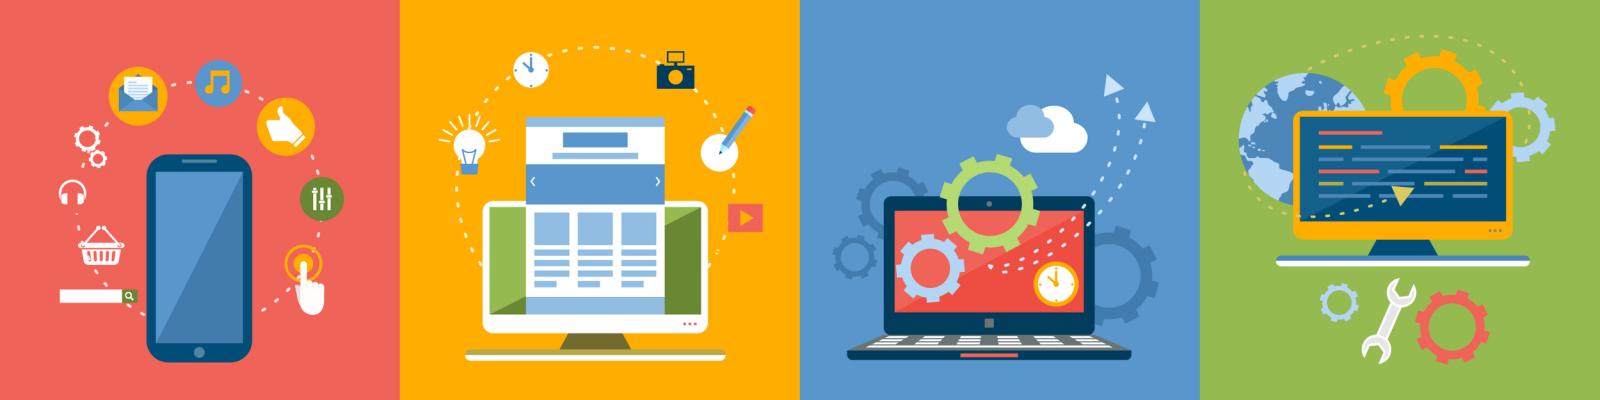 Những yêu cầu của website tổ chức, doanh nghiệp